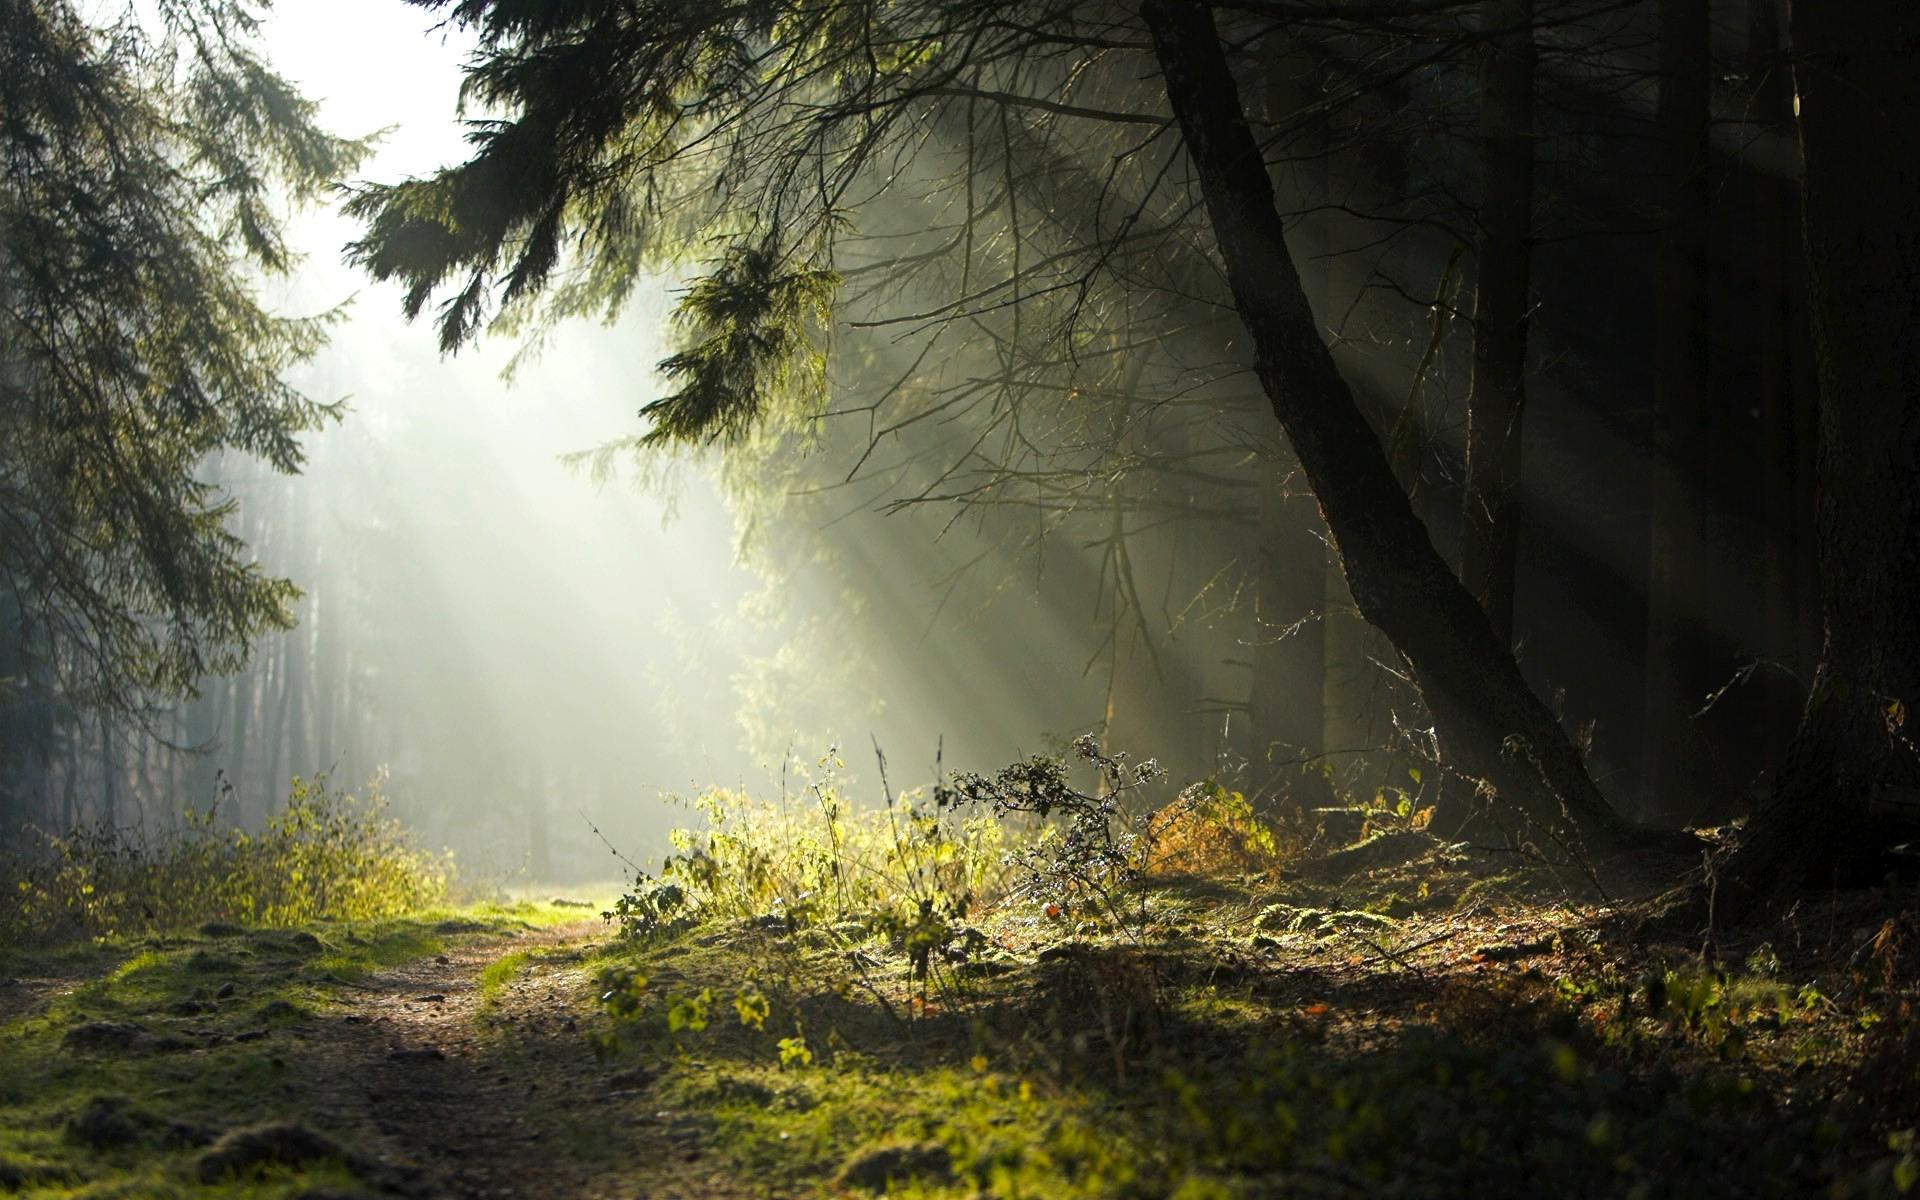 дымчатый лес, лес, дымка, скачать обои на рабочий стол